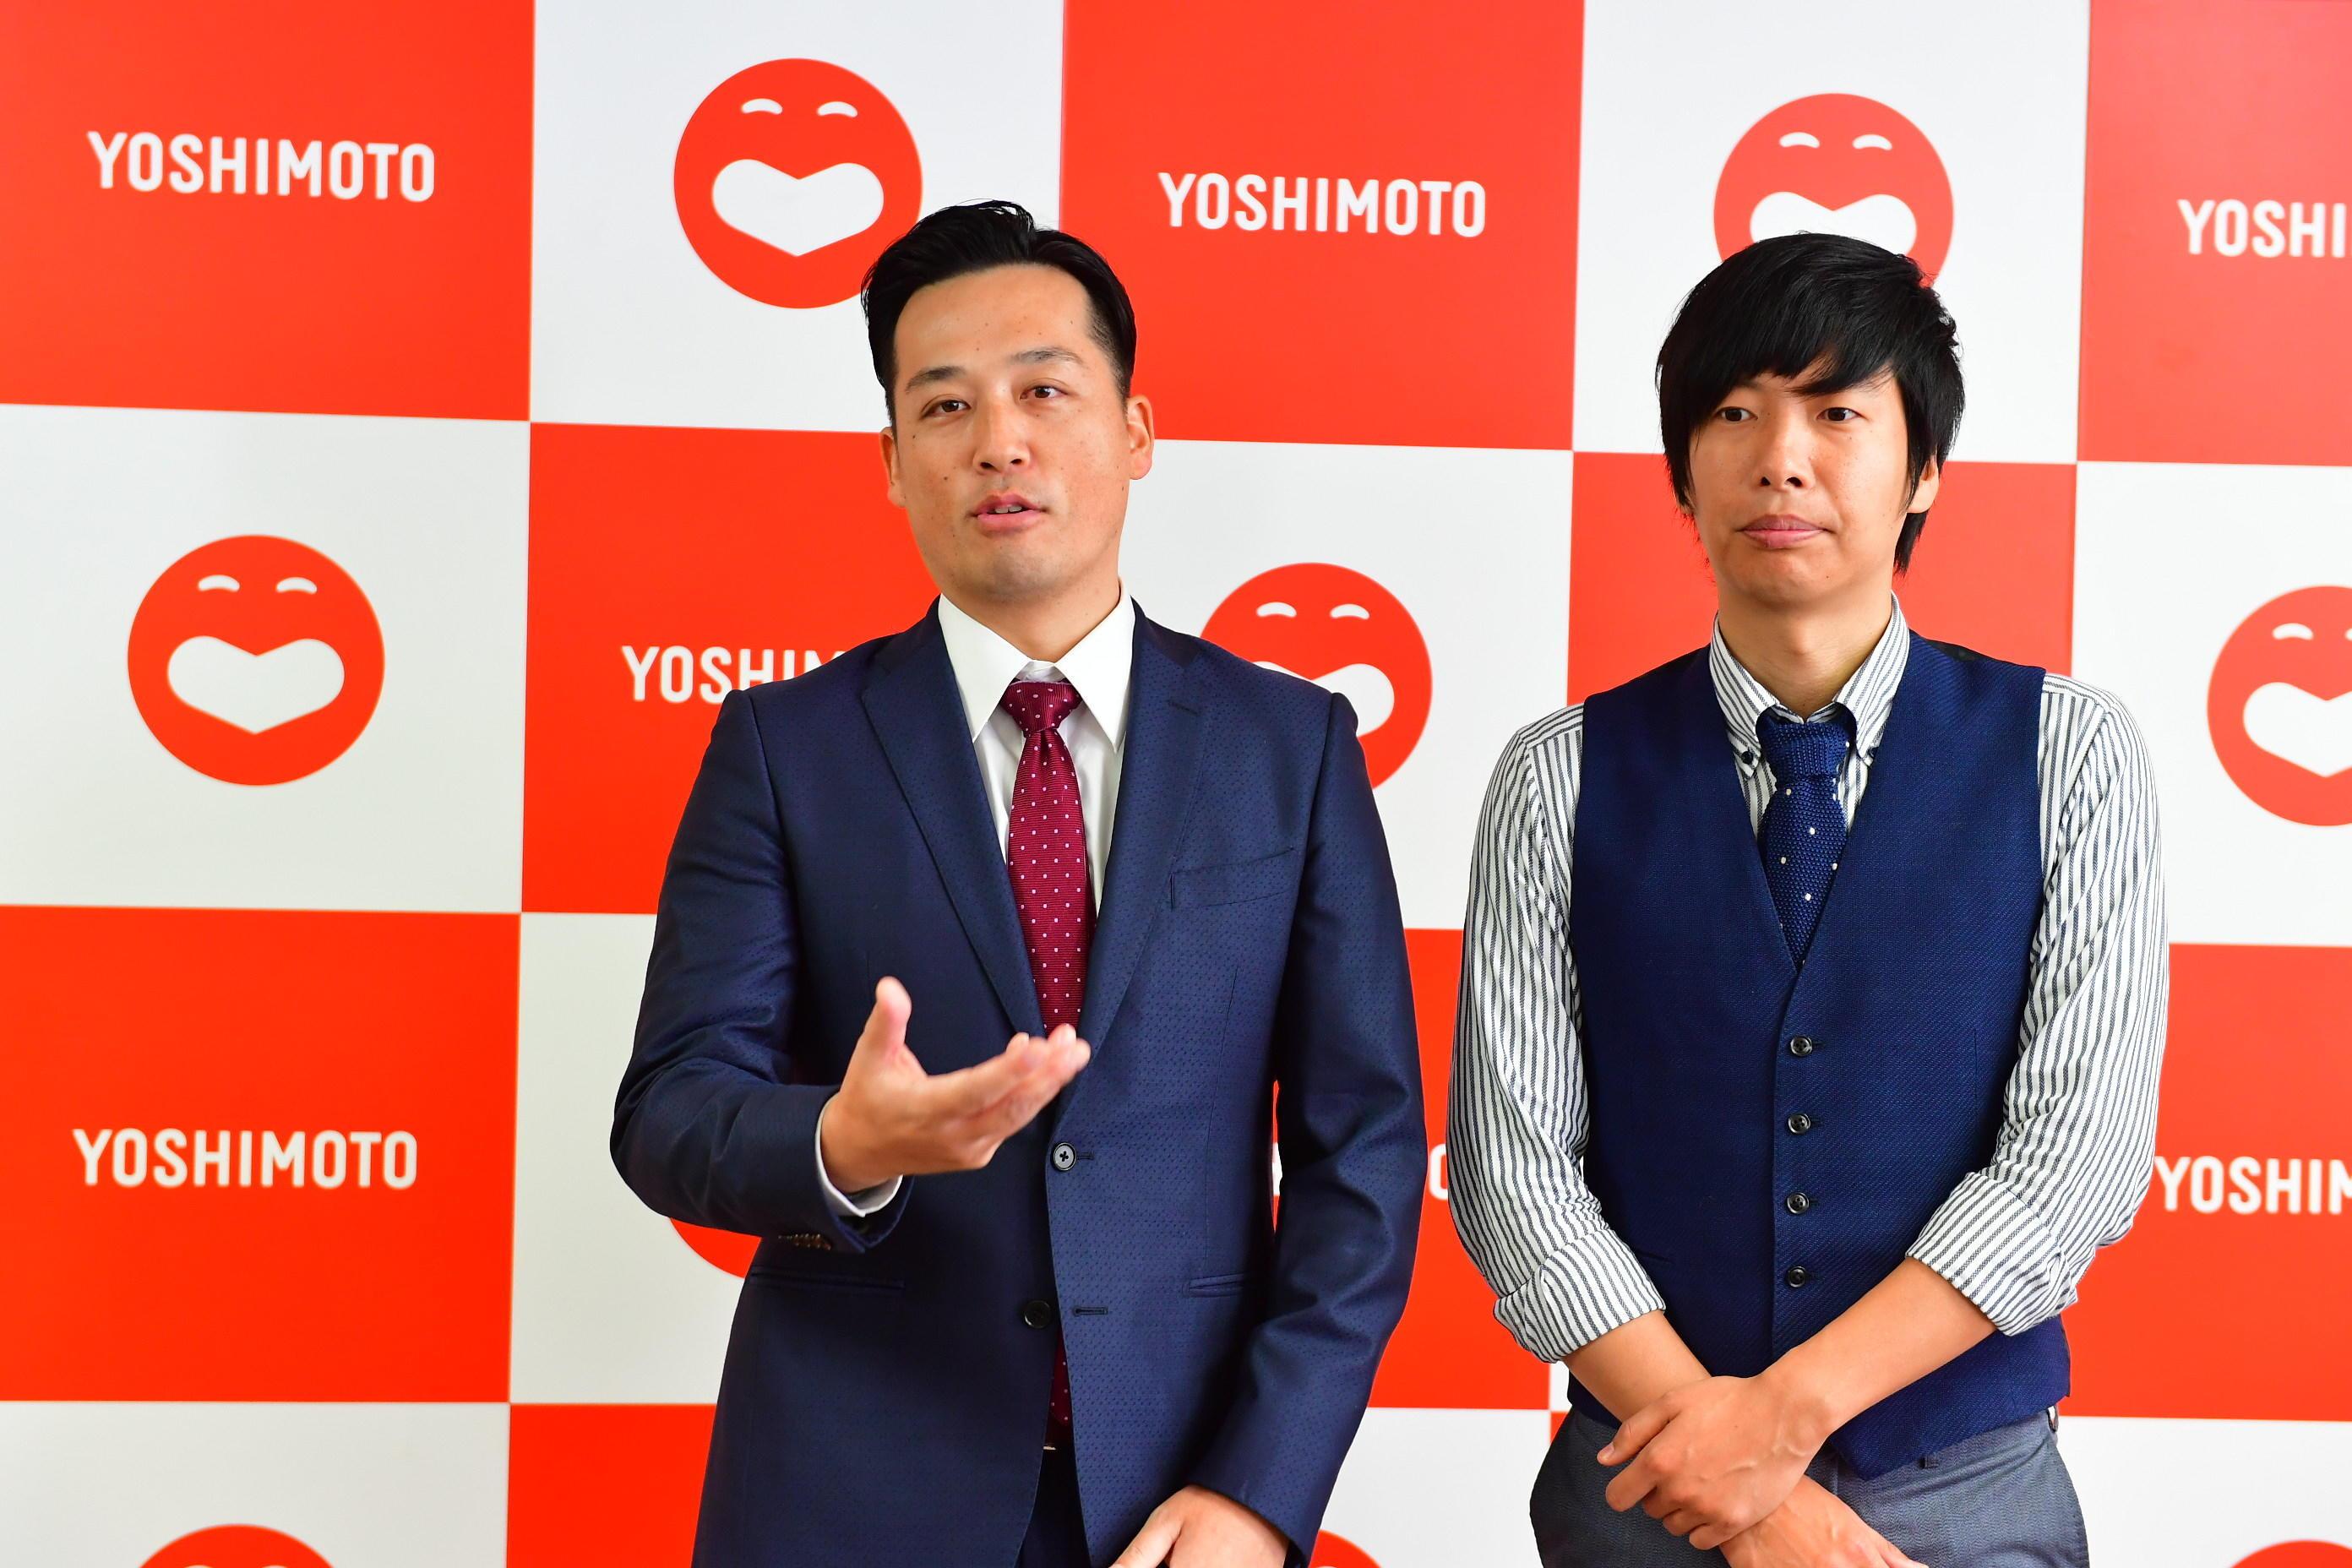 http://news.yoshimoto.co.jp/20171227162528-d85a985f9a2fdfab74f6233194235ae8772e05e4.jpg